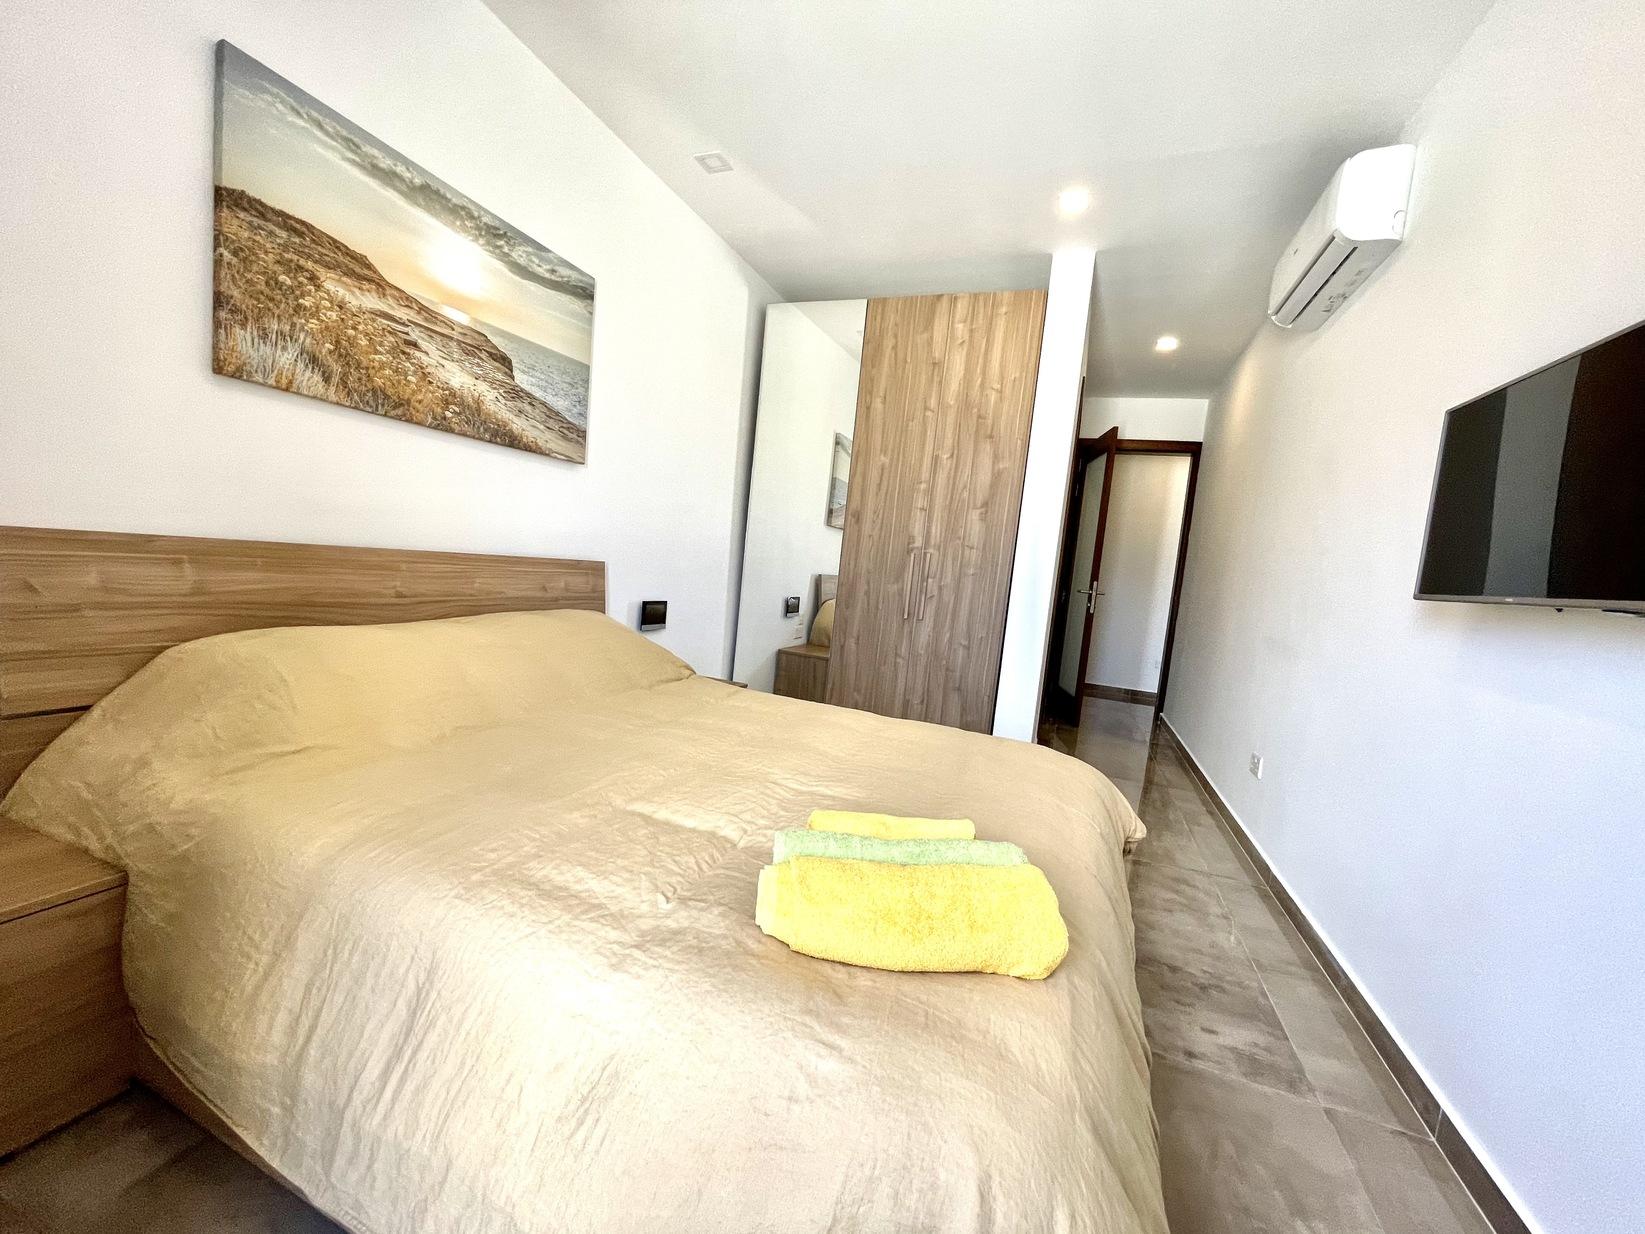 3 bed Apartment For Sale in Pieta, Pieta - thumb 13